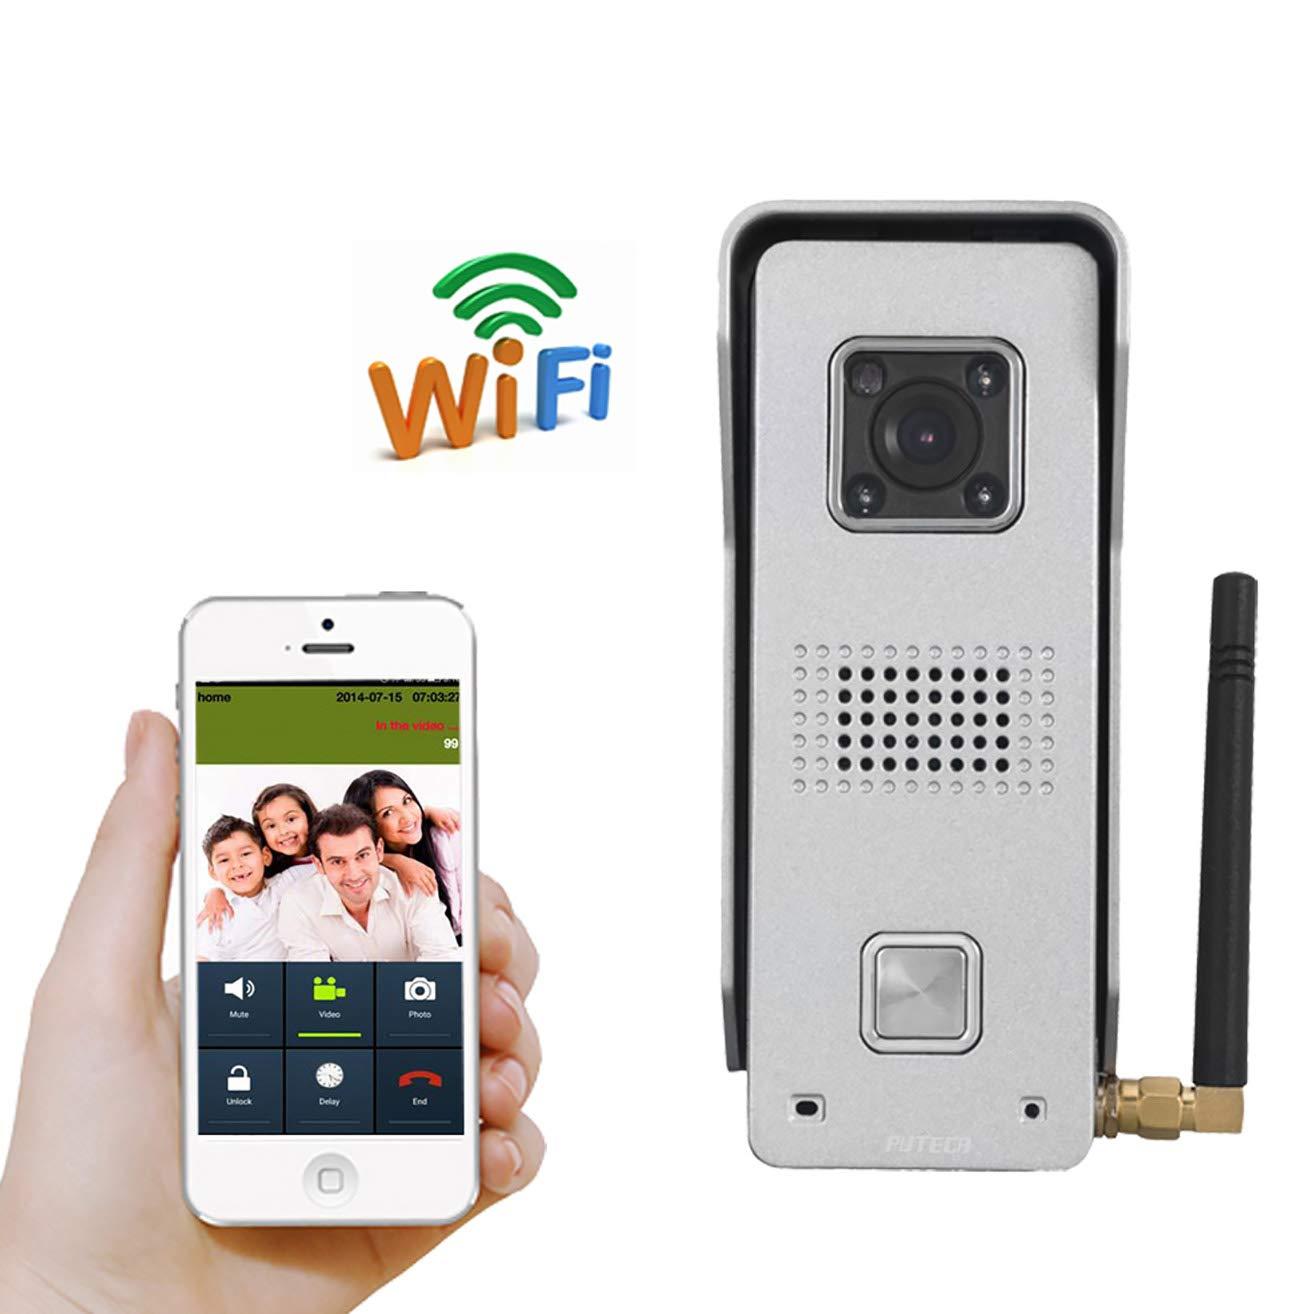 LHKAVE Wireless Video-Türsprechanlage Sprechanlage Türklingel Kamera Fernbedienung IR Nachtsicht Alarm Android IOS Smart Home